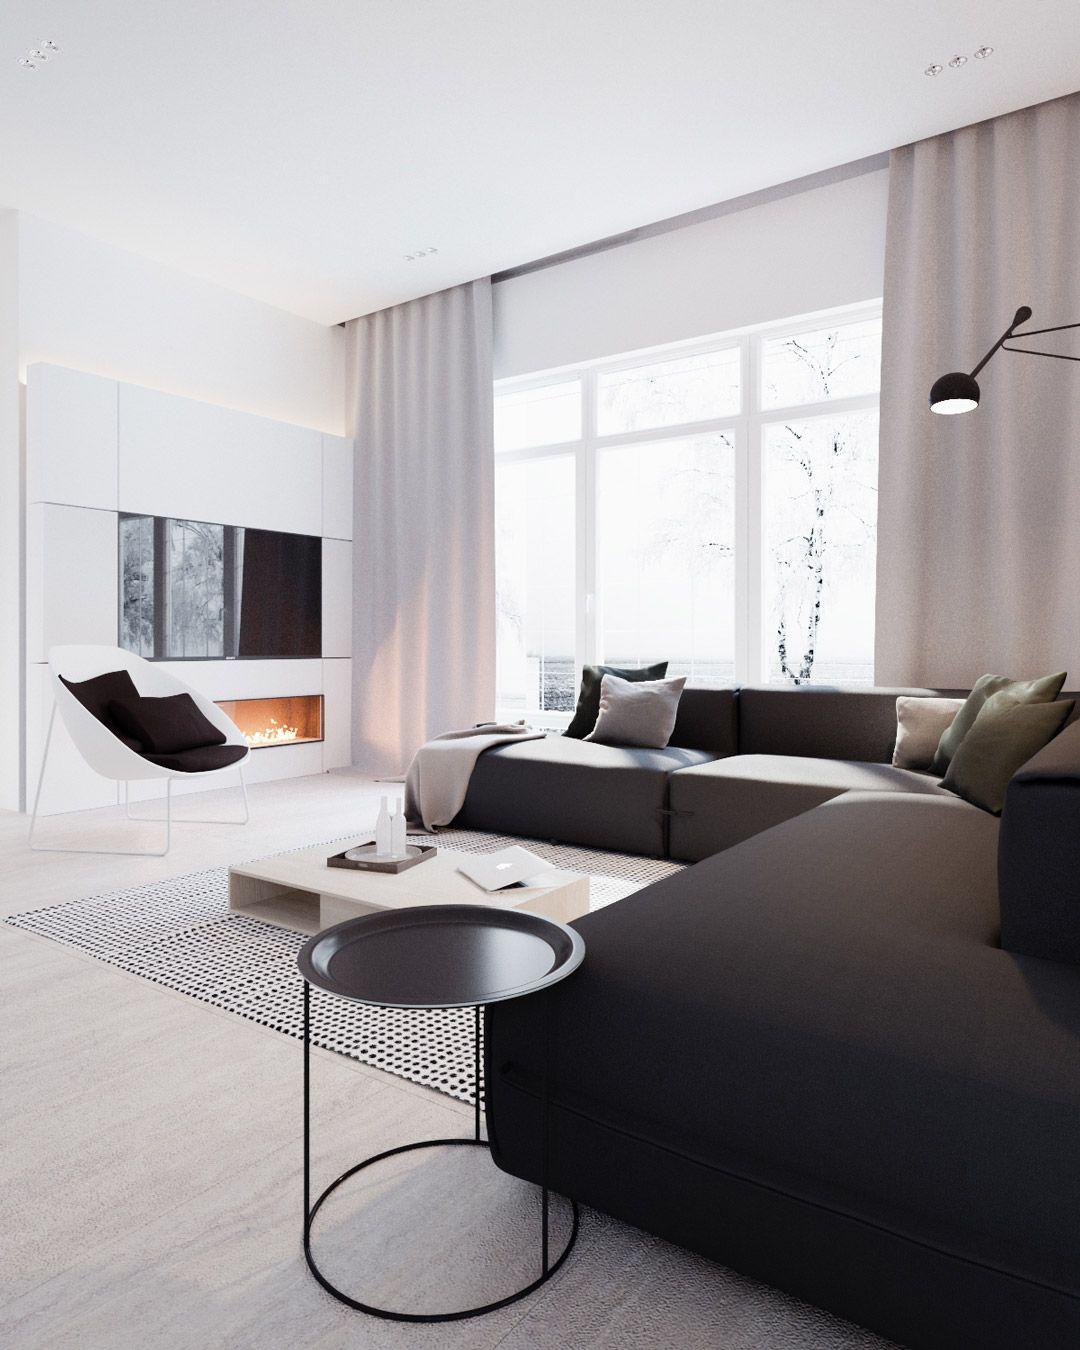 Soggiorni moderni 100 idee e stile per il soggiorno for Soggiorni living moderni